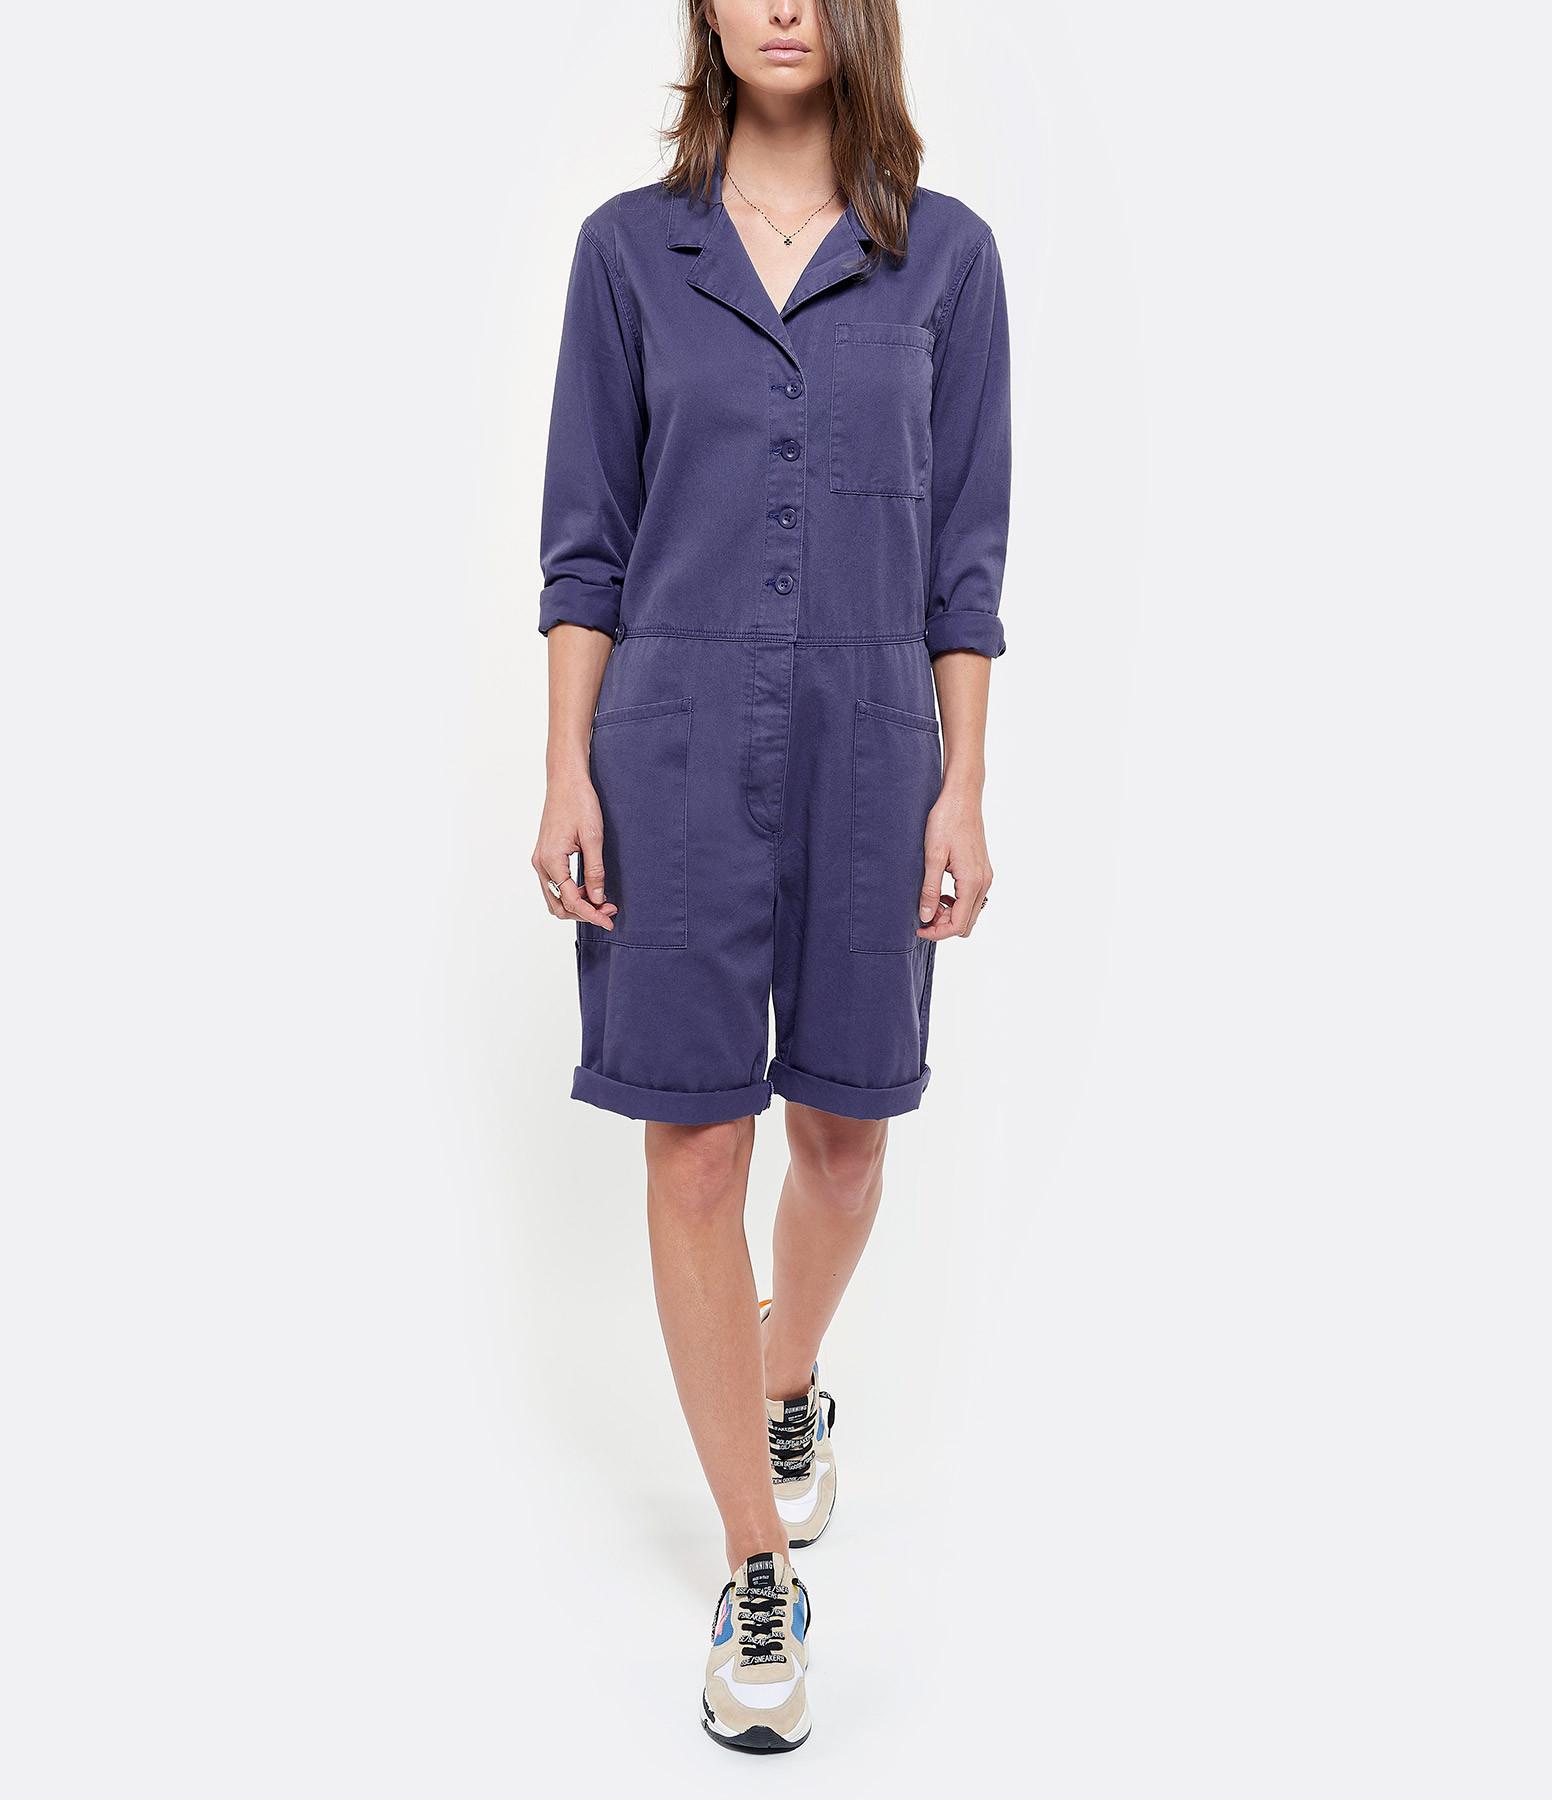 XIRENA - Combinaison Short Hartley Coton Bleu